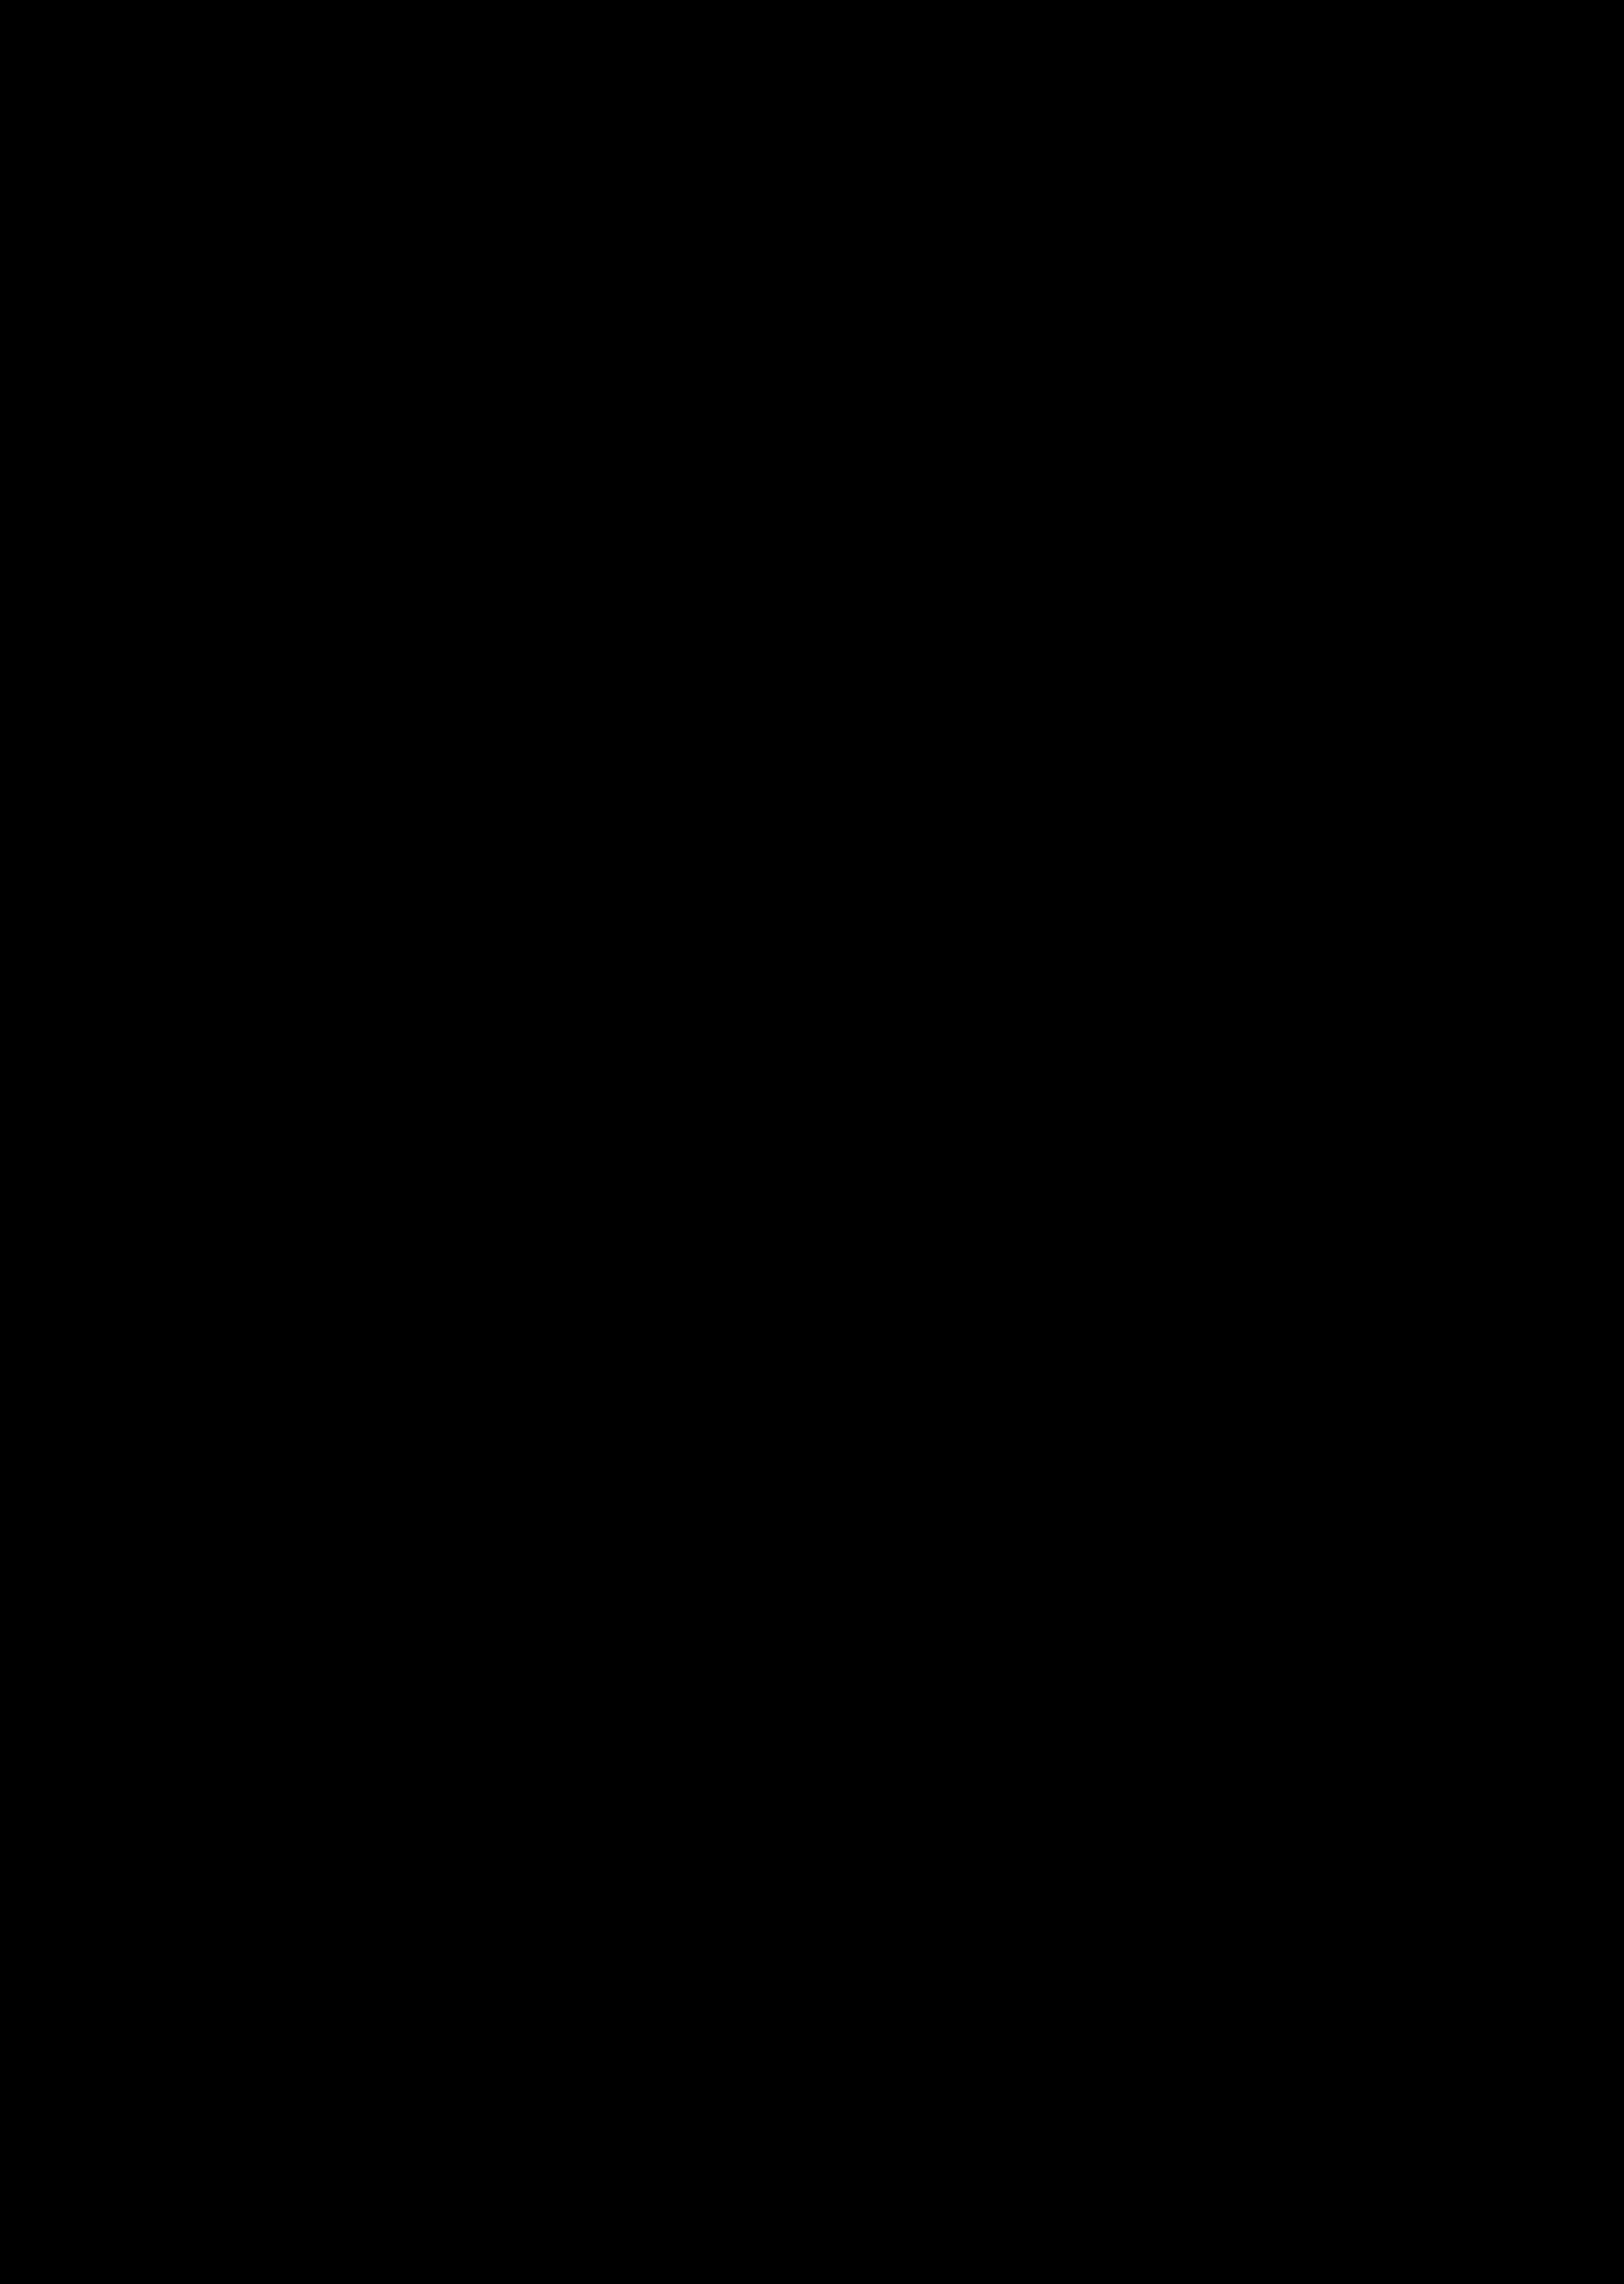 """Monday Jump: """"Kinshasa78"""""""